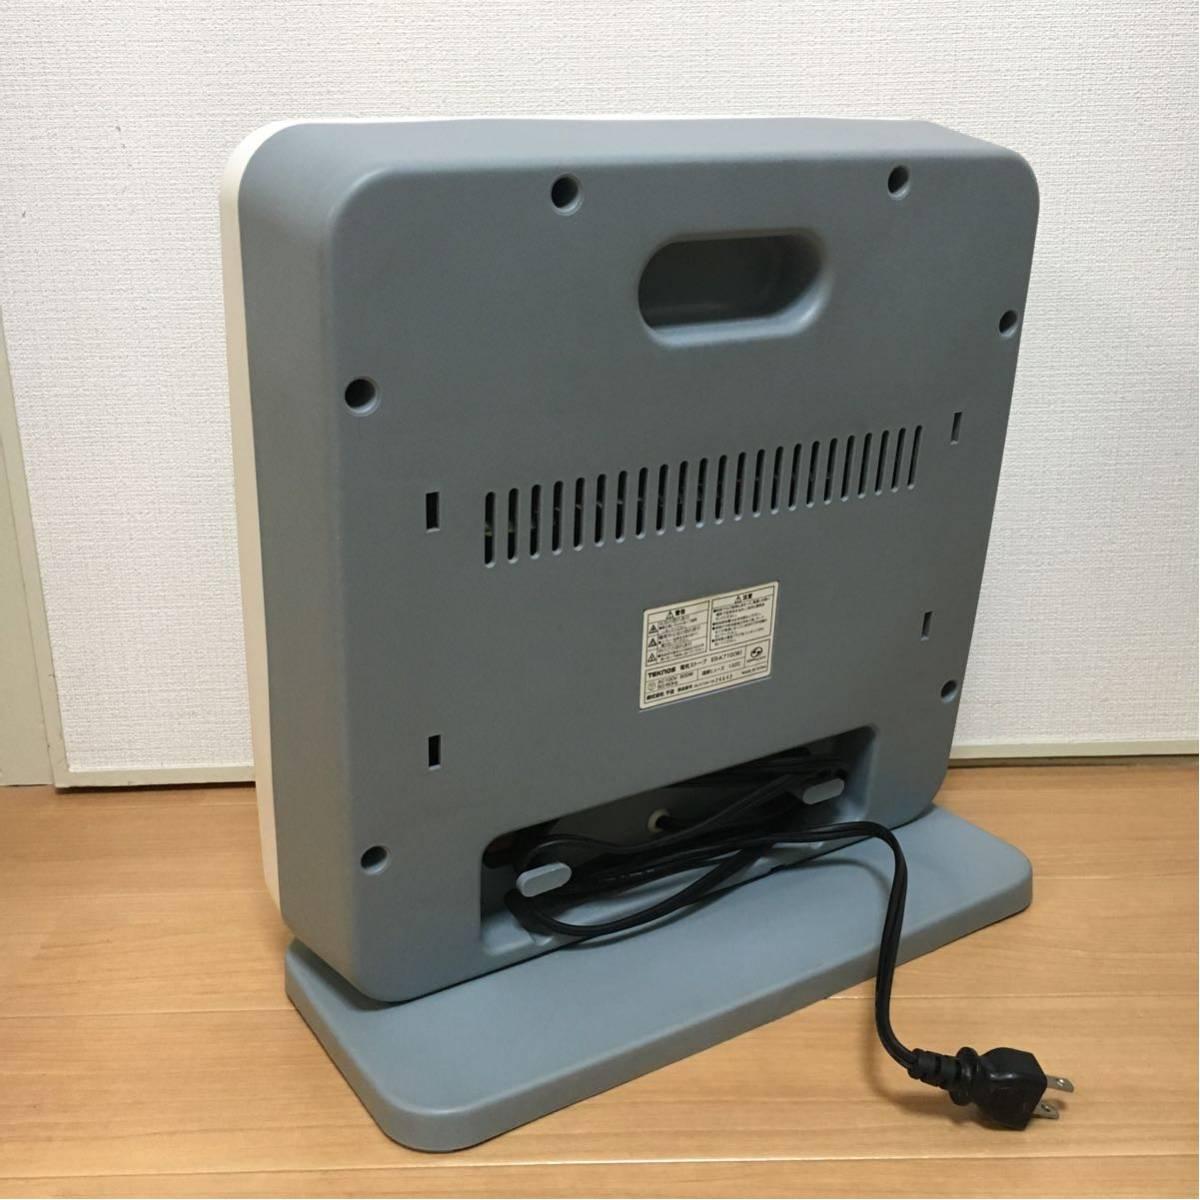 【美品】電気ストーブ ヒーター TEKNOS 800W 暖房器具 動作確認済み 転倒OFFスイッチ_画像2